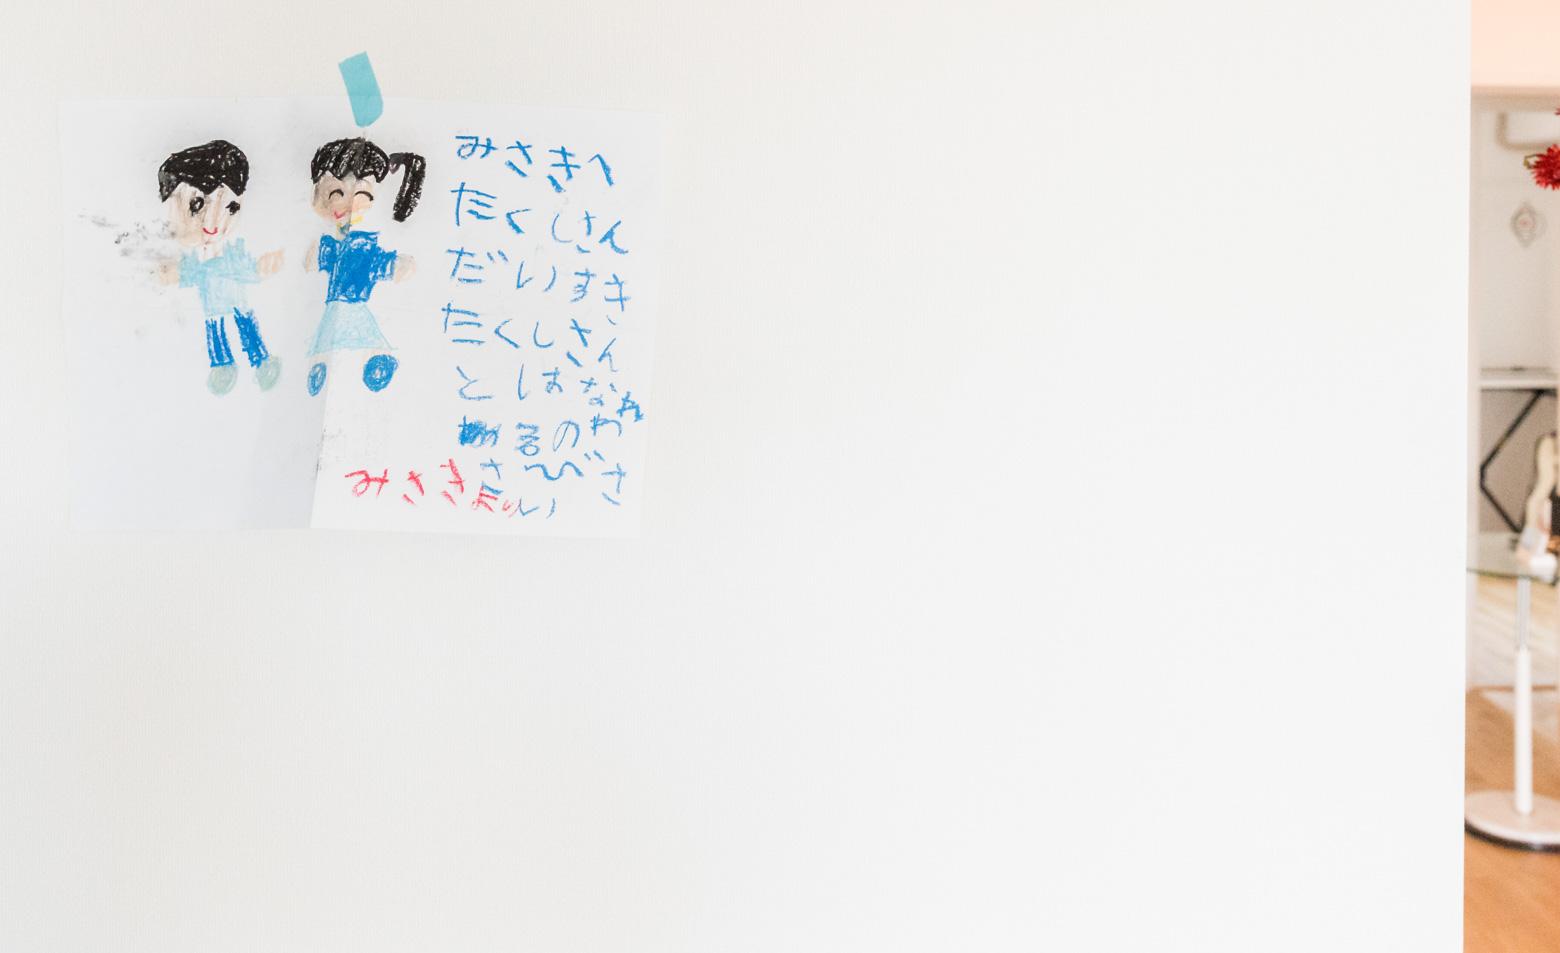 ボックスの上、壁に貼られているのは「みさきちゃん」からの絵手紙。琢志さんの職業は保育士さん。ほほえましい。